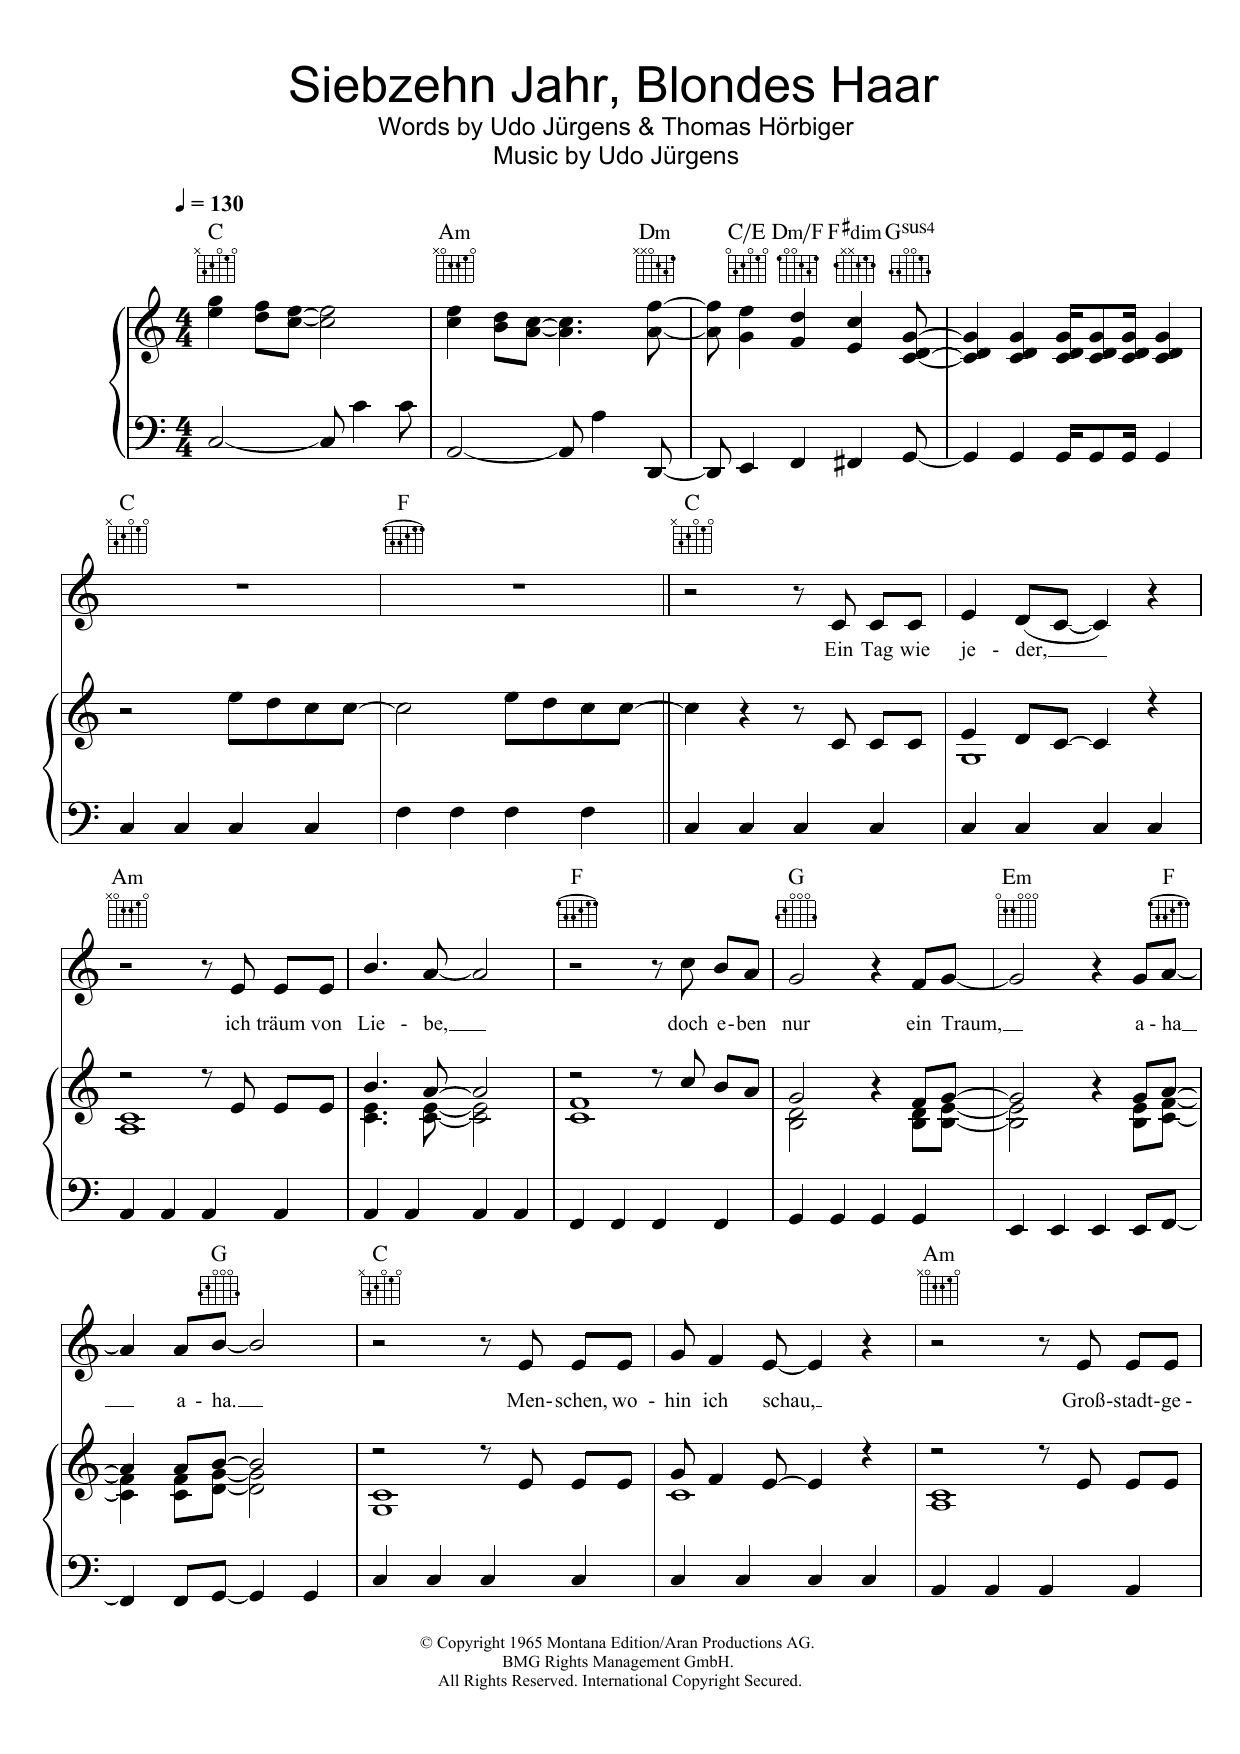 Siebzehn Jahr Blondes Haar Sheet Music By Udo Jürgens For Piano